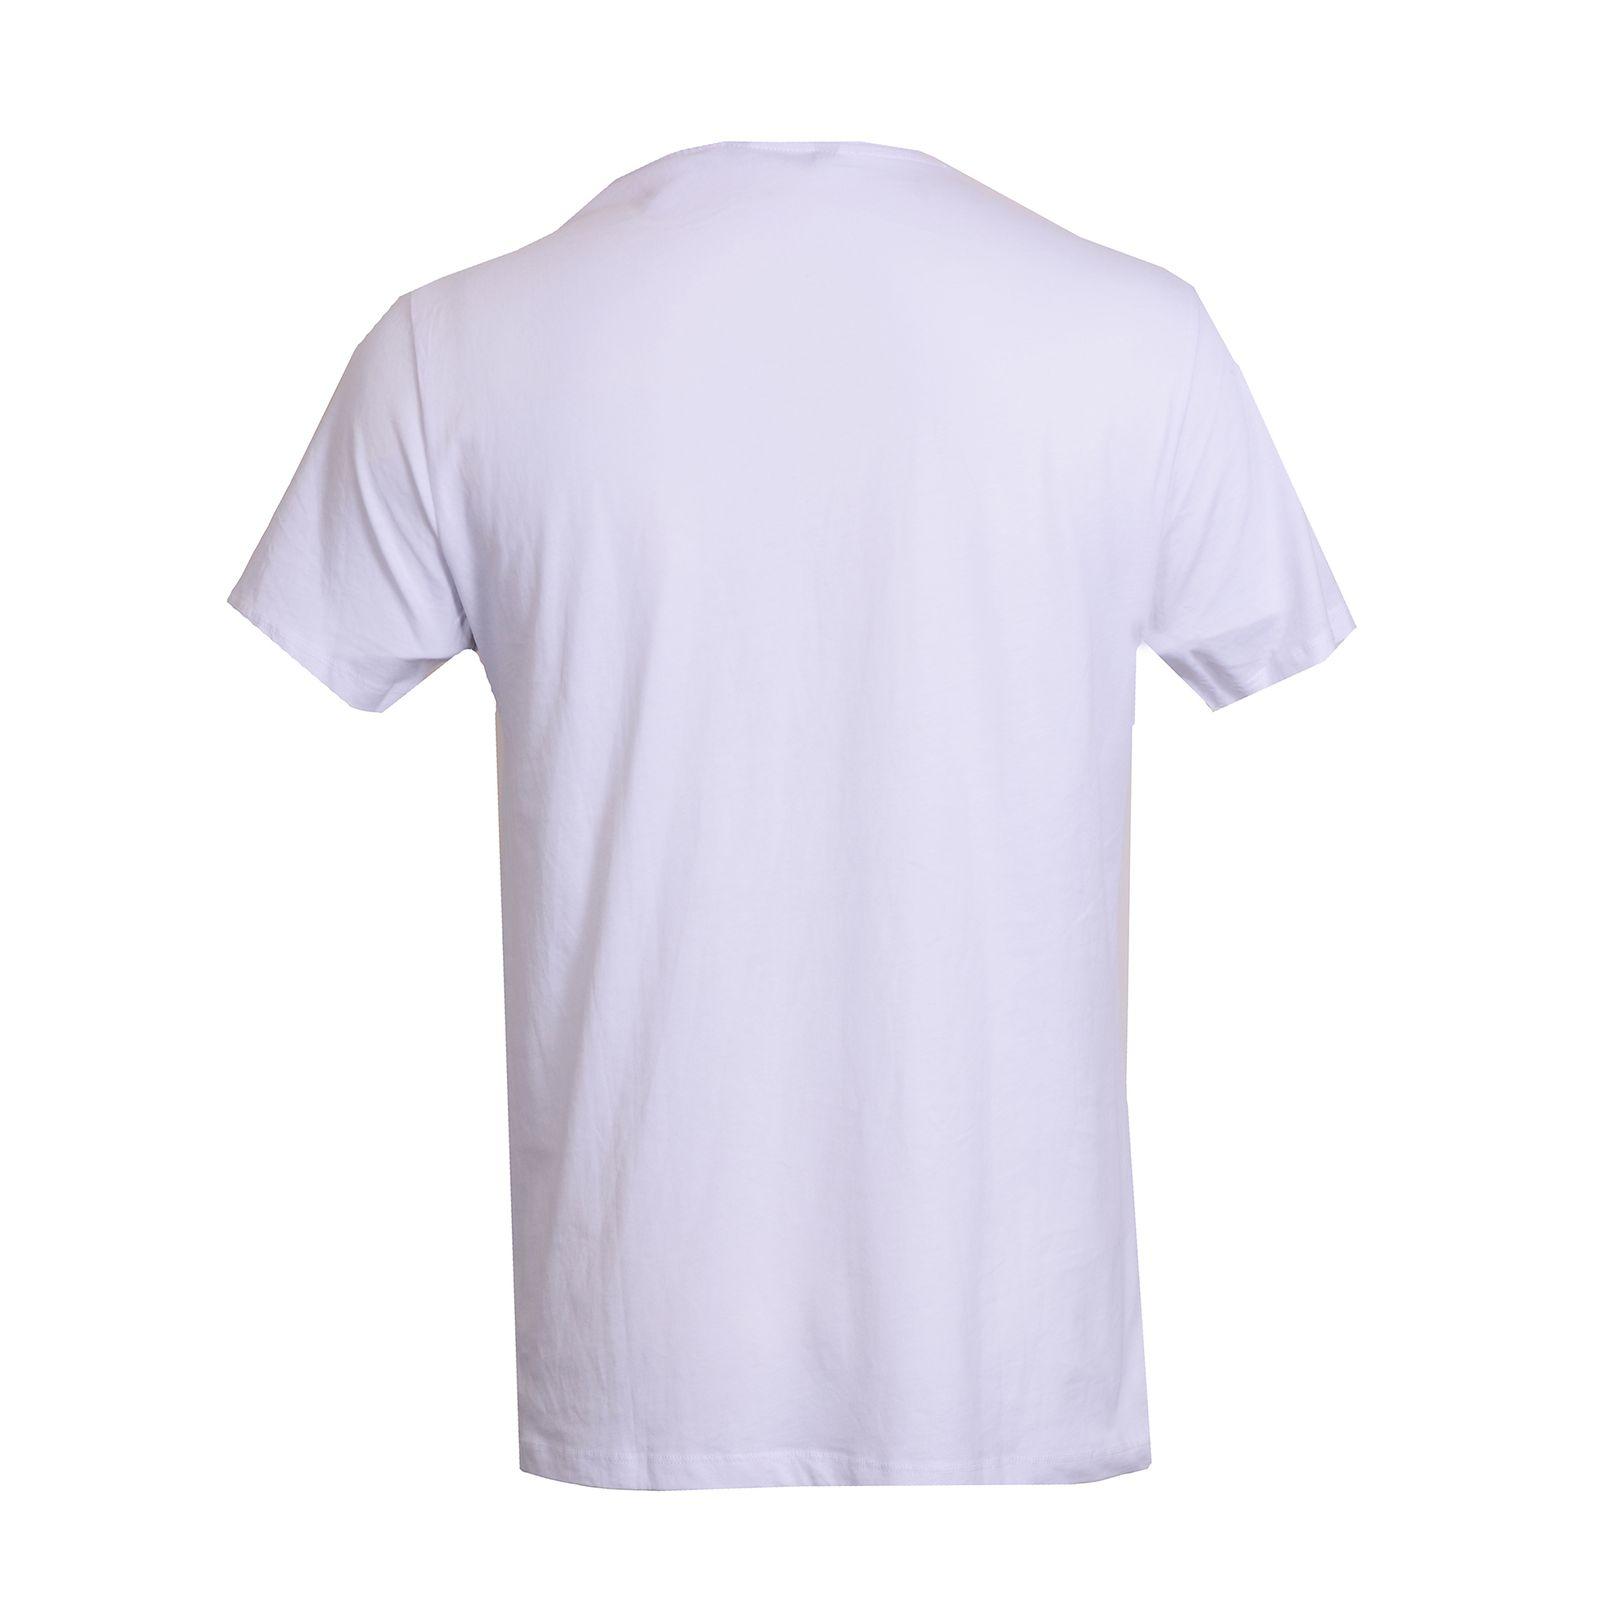 تی شرت مردانه ال سی وایکیکی کد 3701 -  - 3